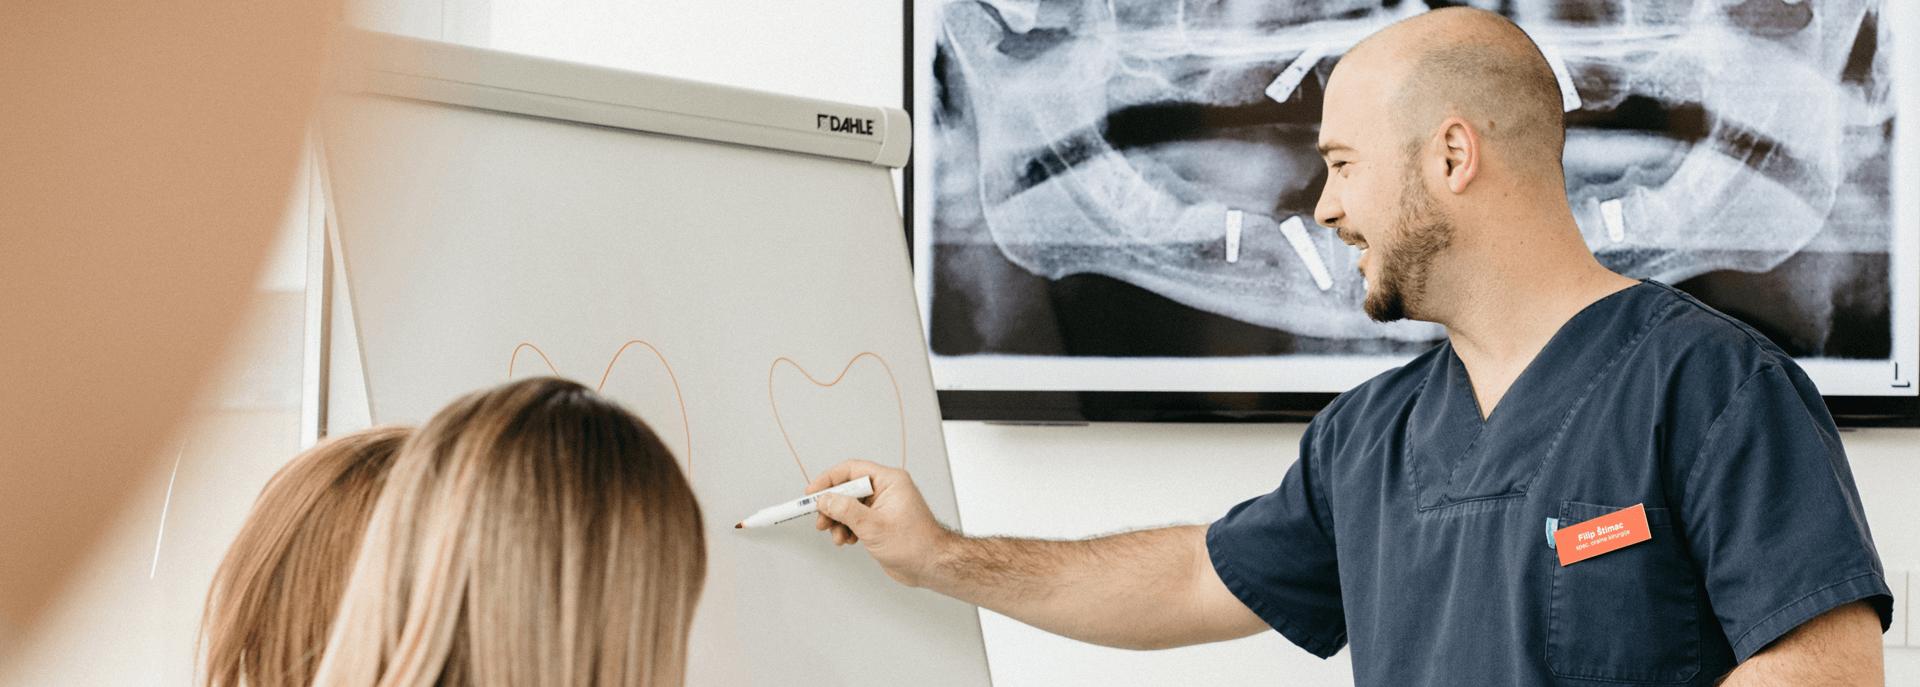 Sinus lift - Ugradnja umjetne kosti | Poliklinika Štimac